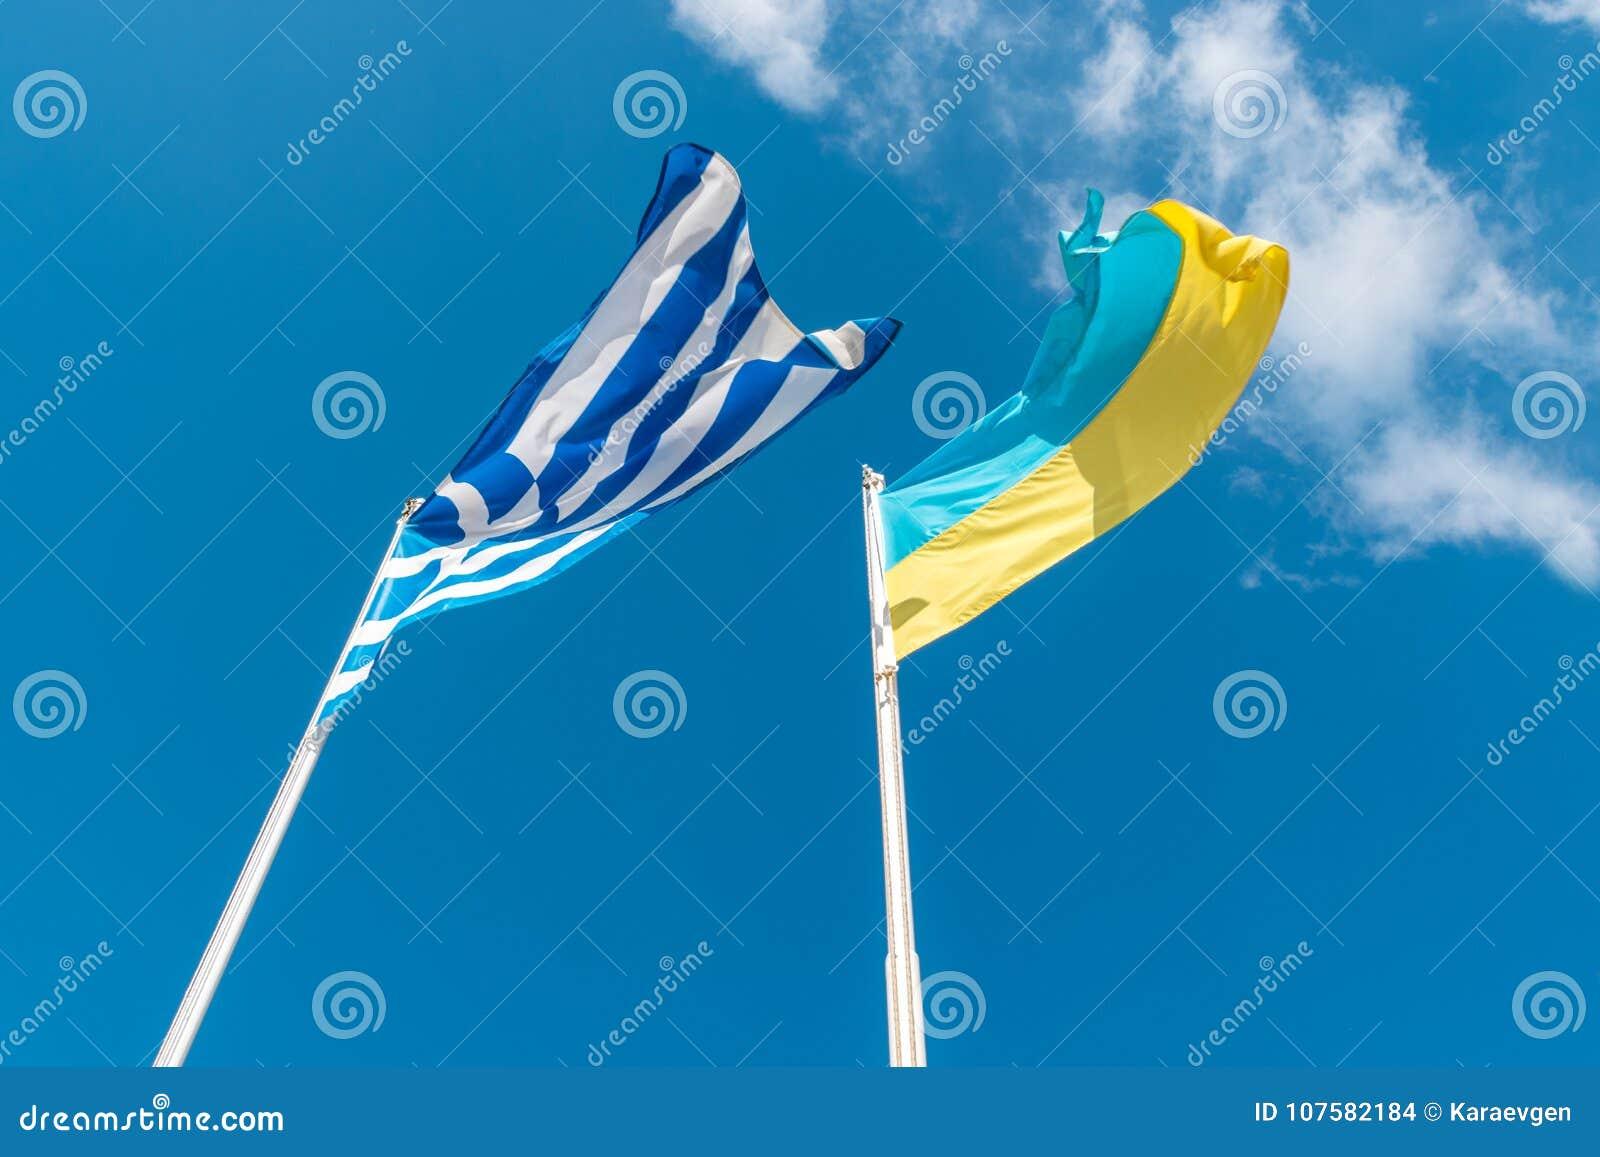 Ουκρανική σημαία με την ελληνική σημαία στο υπόβαθρο του ουρανού